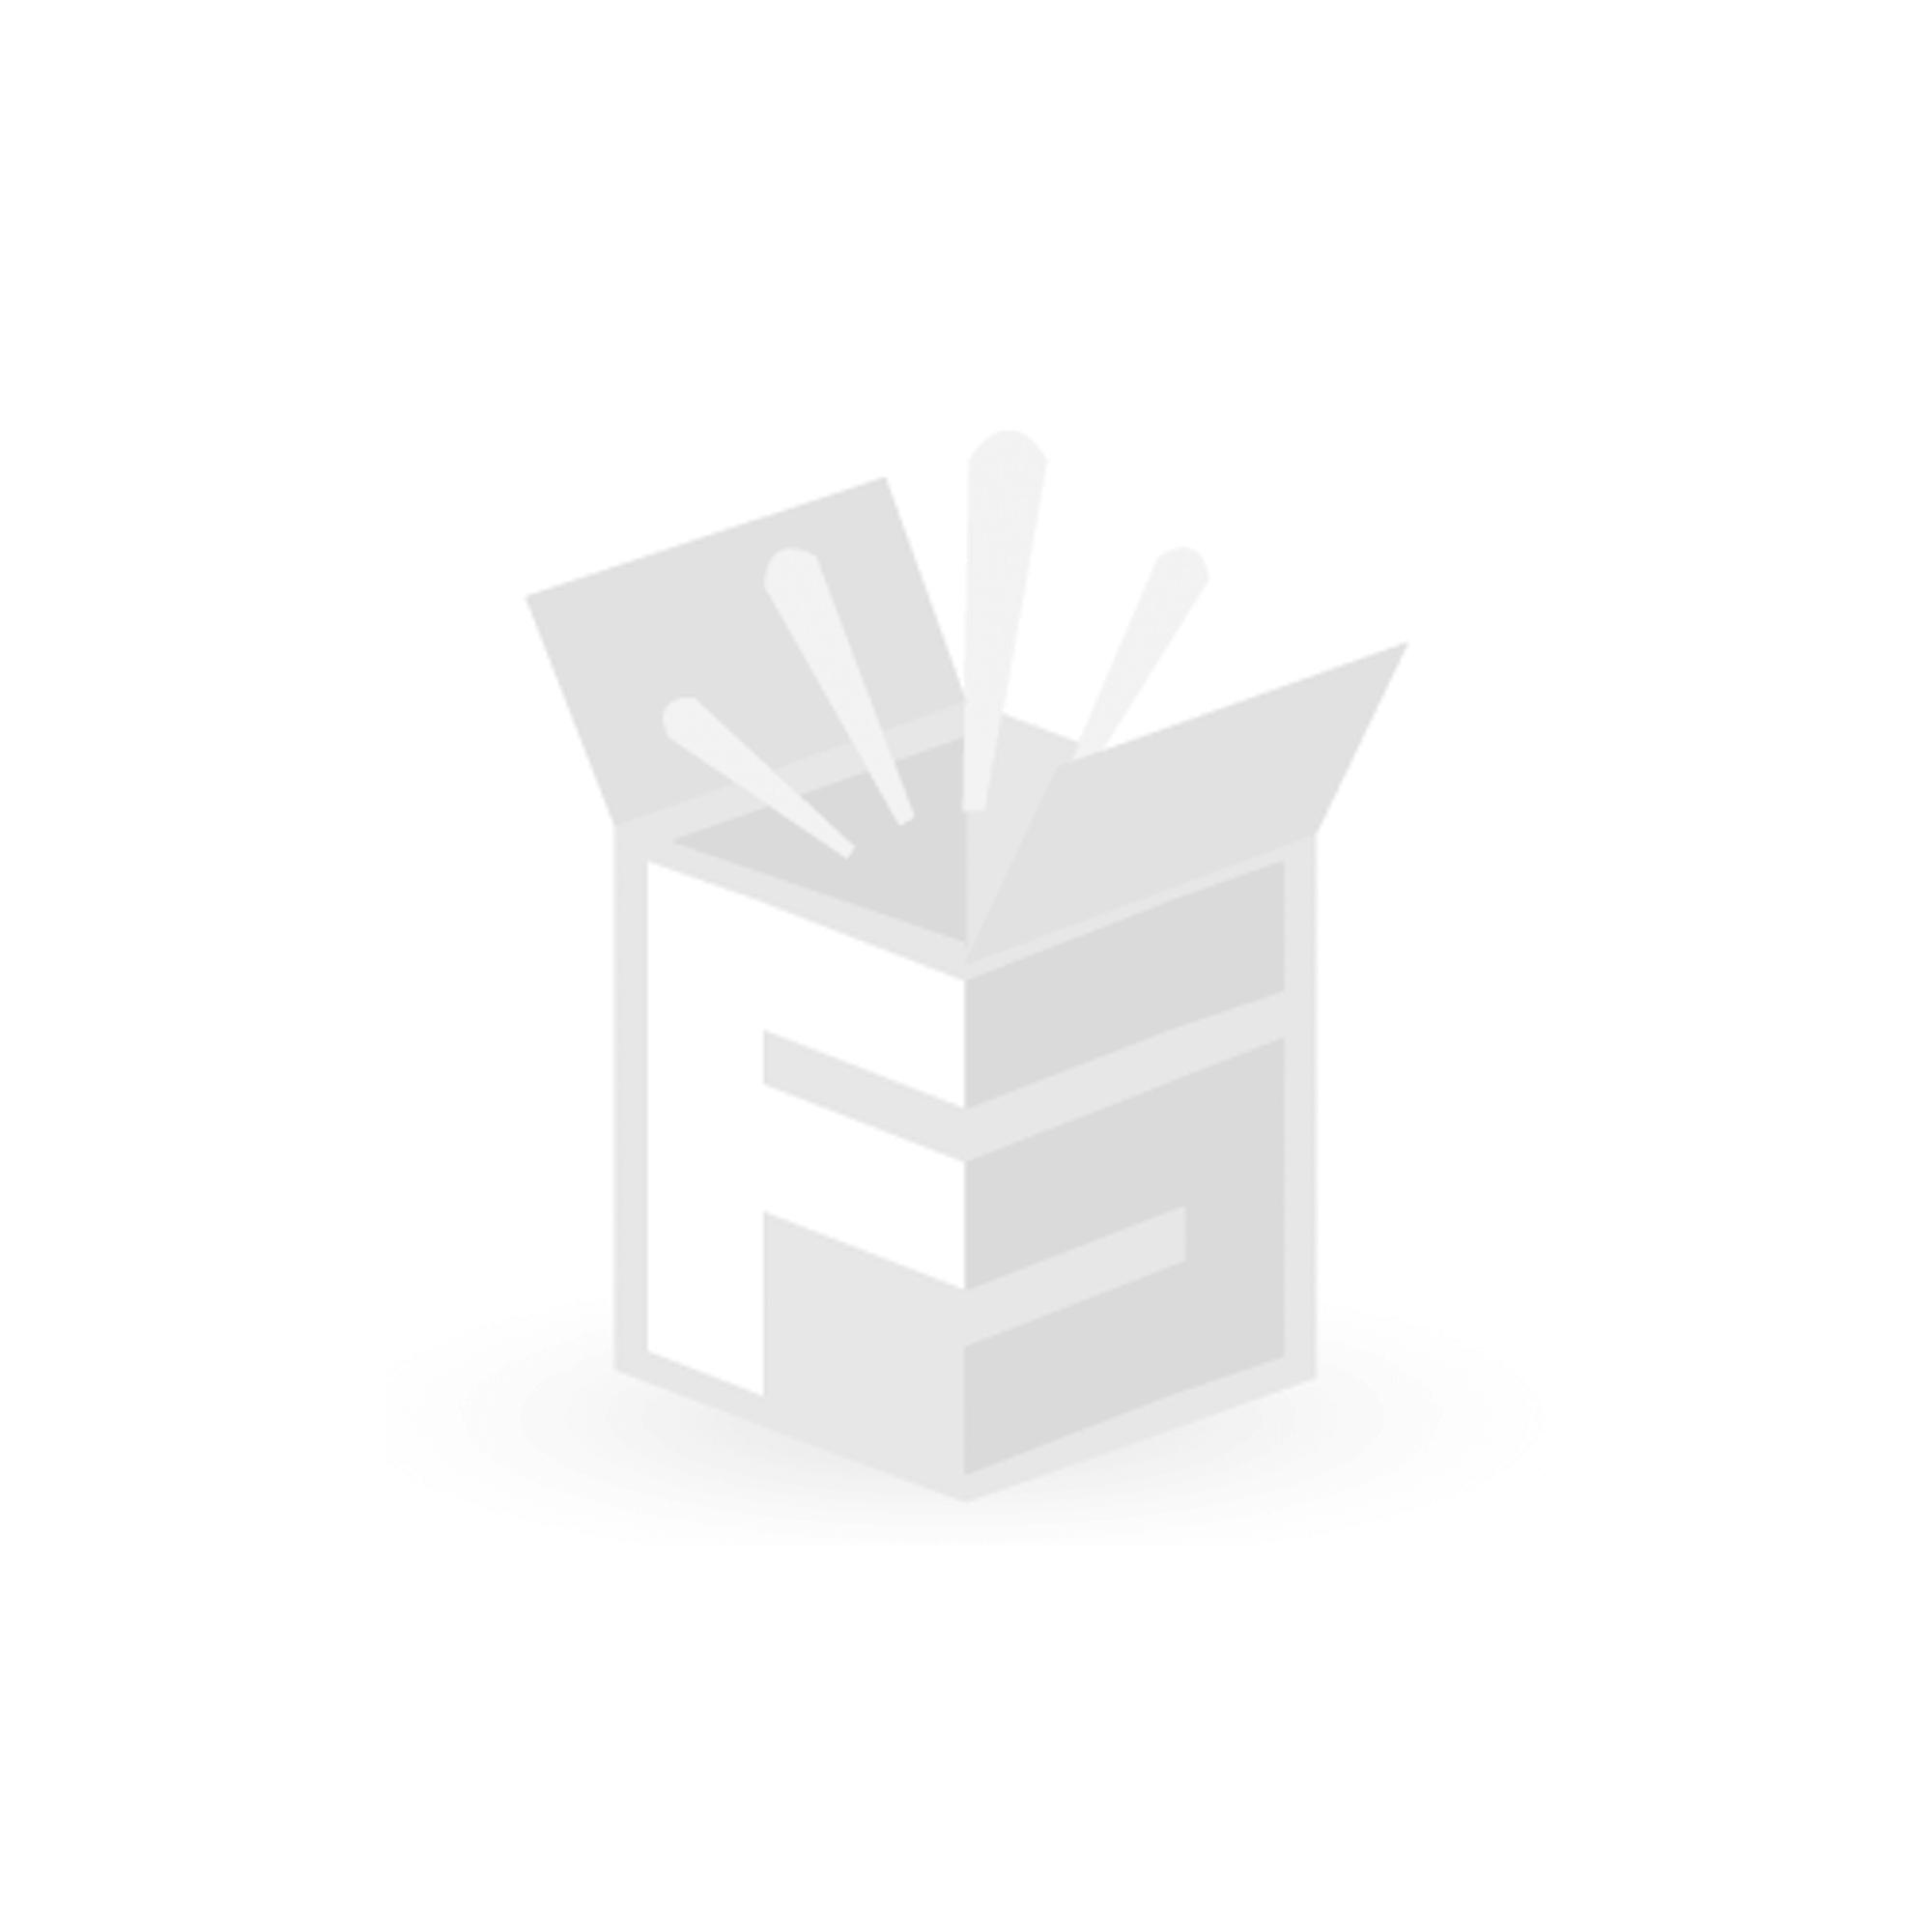 Bosch Meuleuse angulaire GWS 1000, paquet de promotion